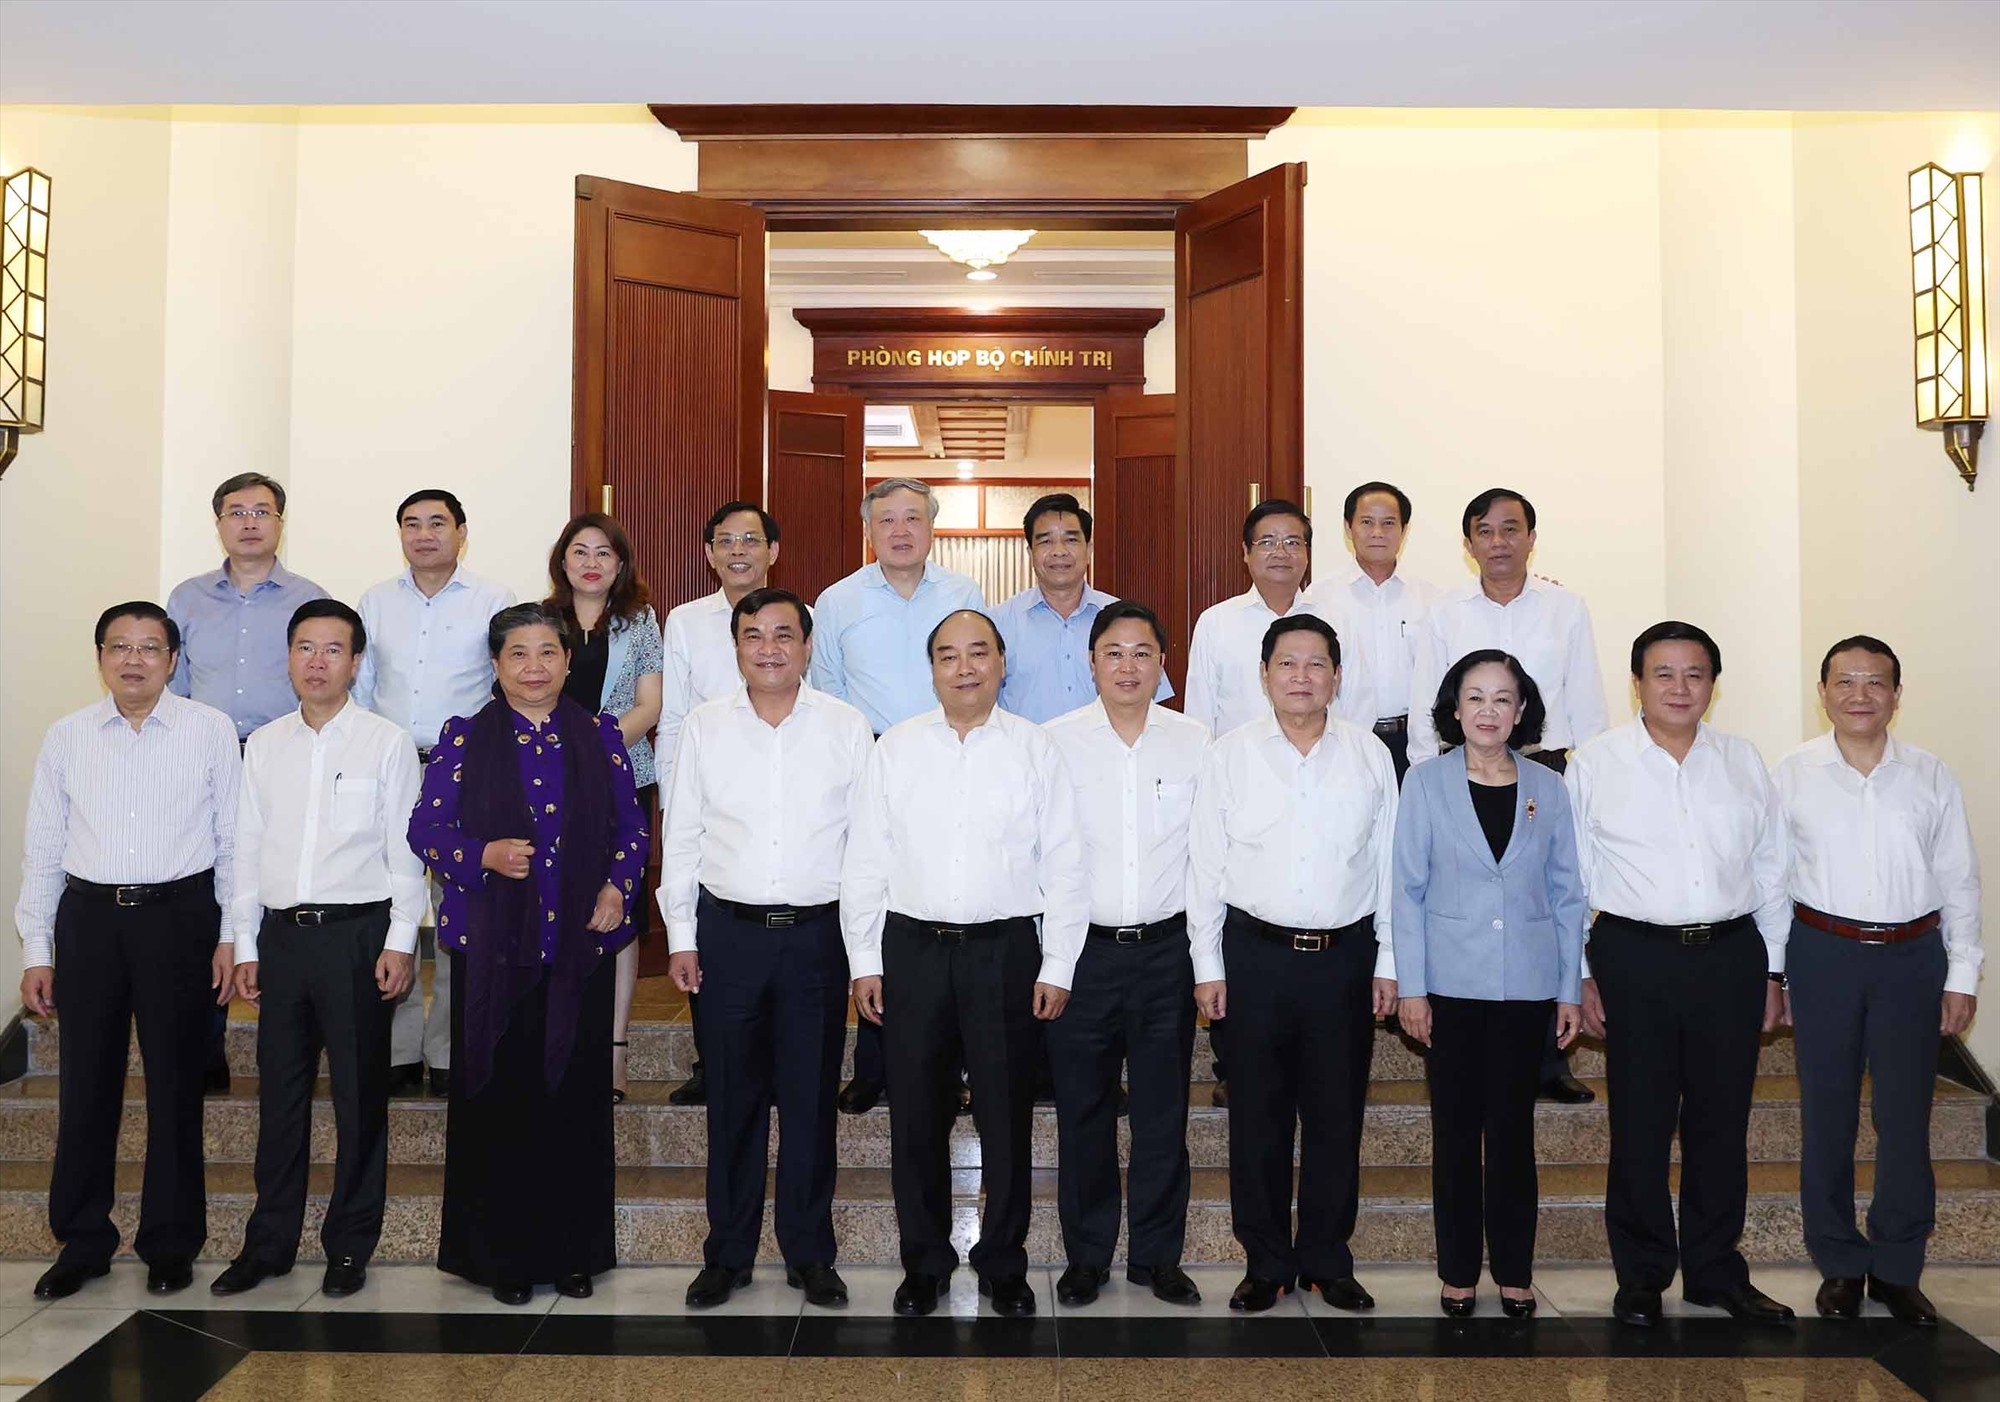 Thủ tướng Chính phủ cùng các đồng chí trong Bộ Chính trị, Ban Bí thư chụp ảnh lưu niệm với Ban Thường vụ Tỉnh ủy. Ảnh: VPTU